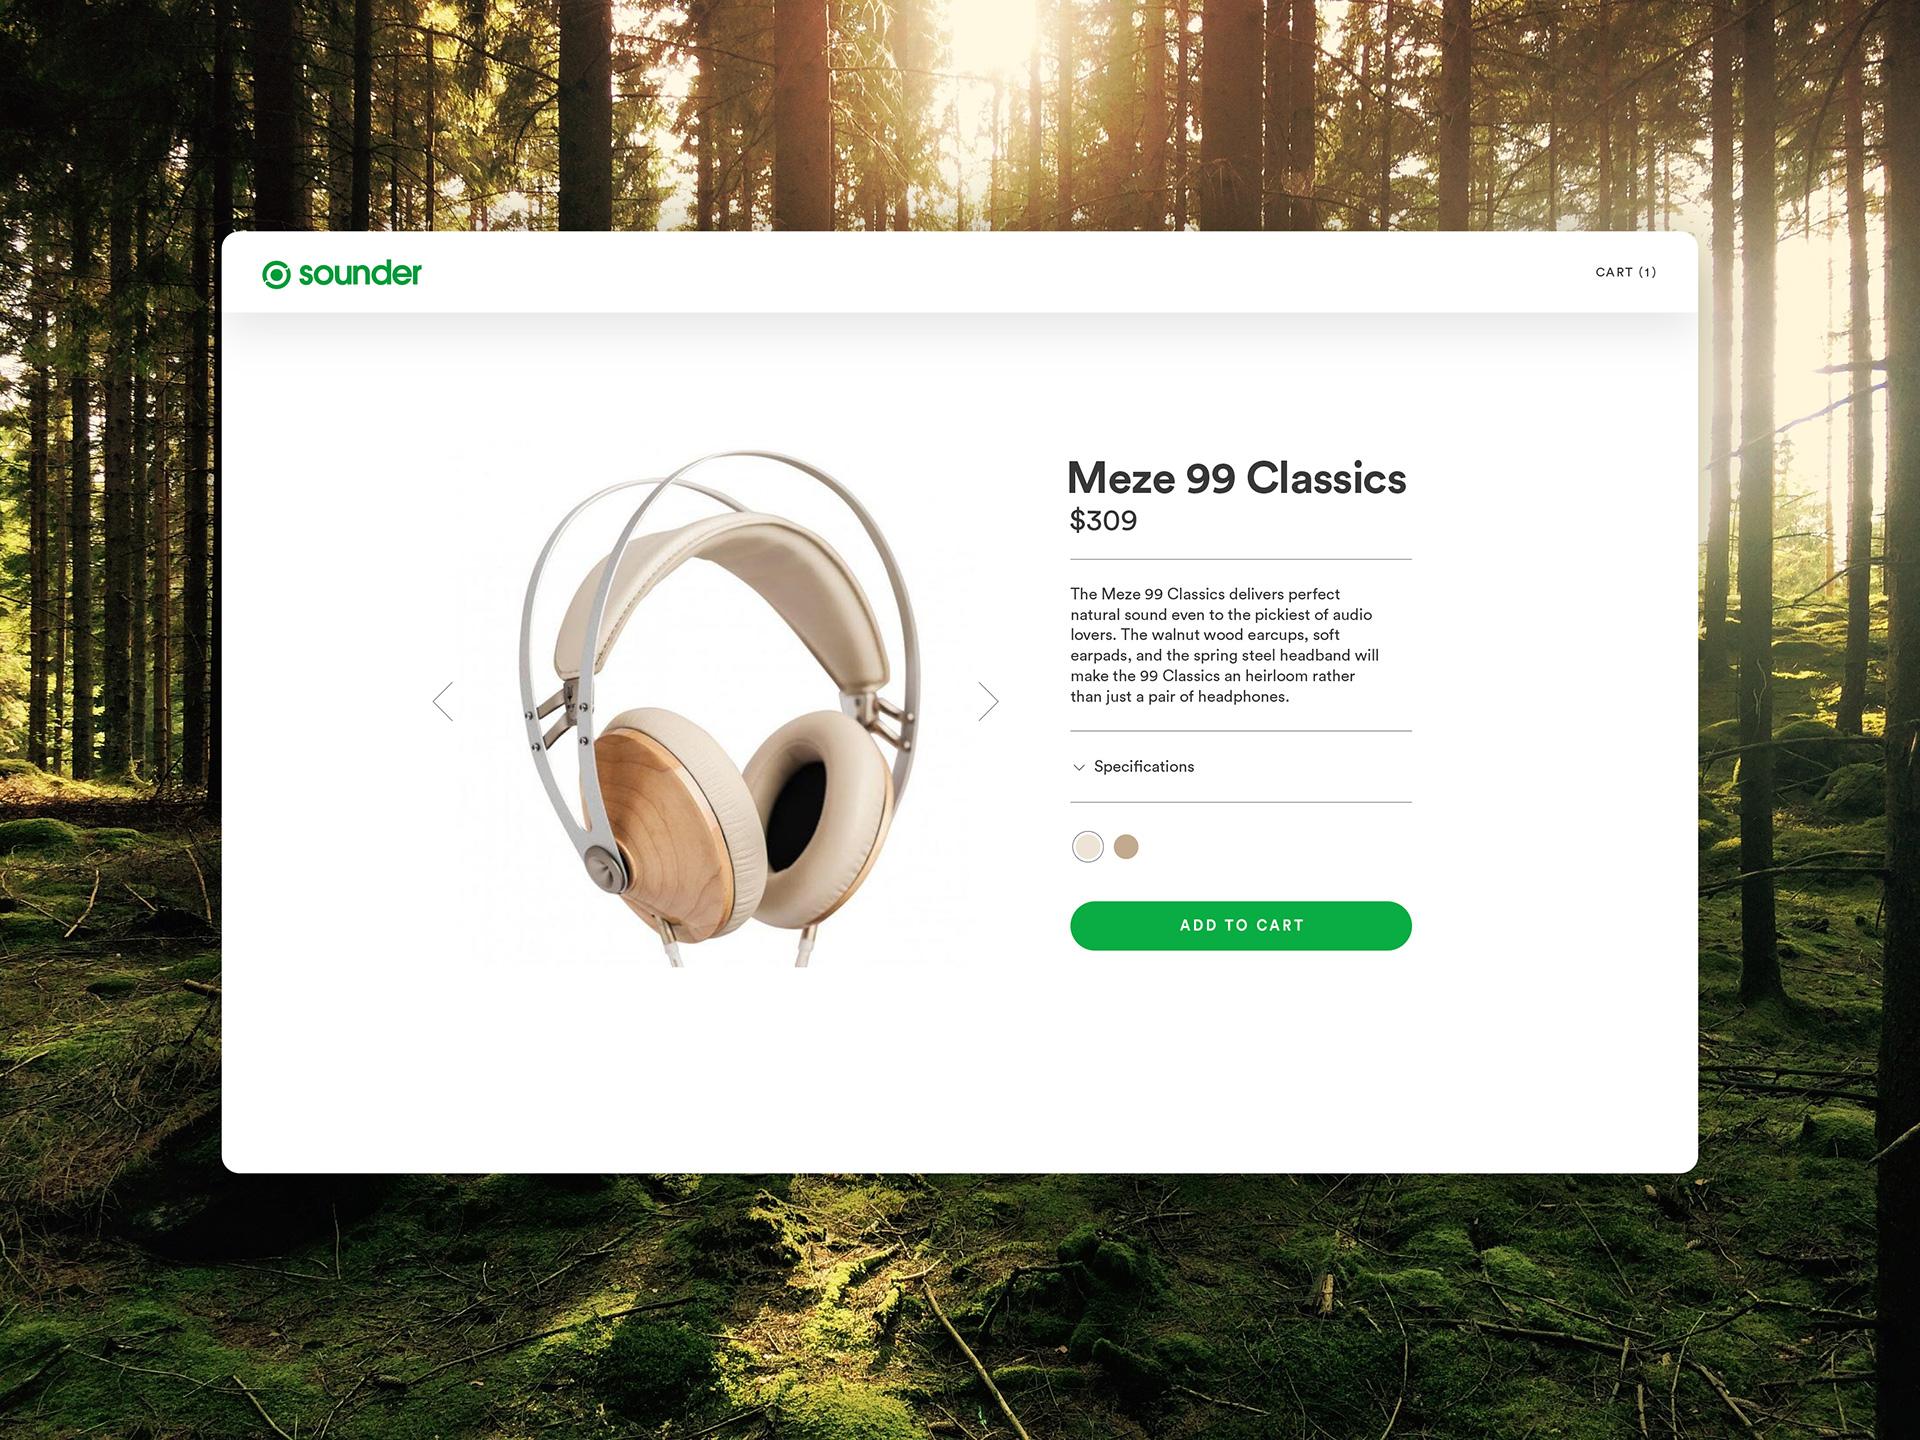 Sounder headphones